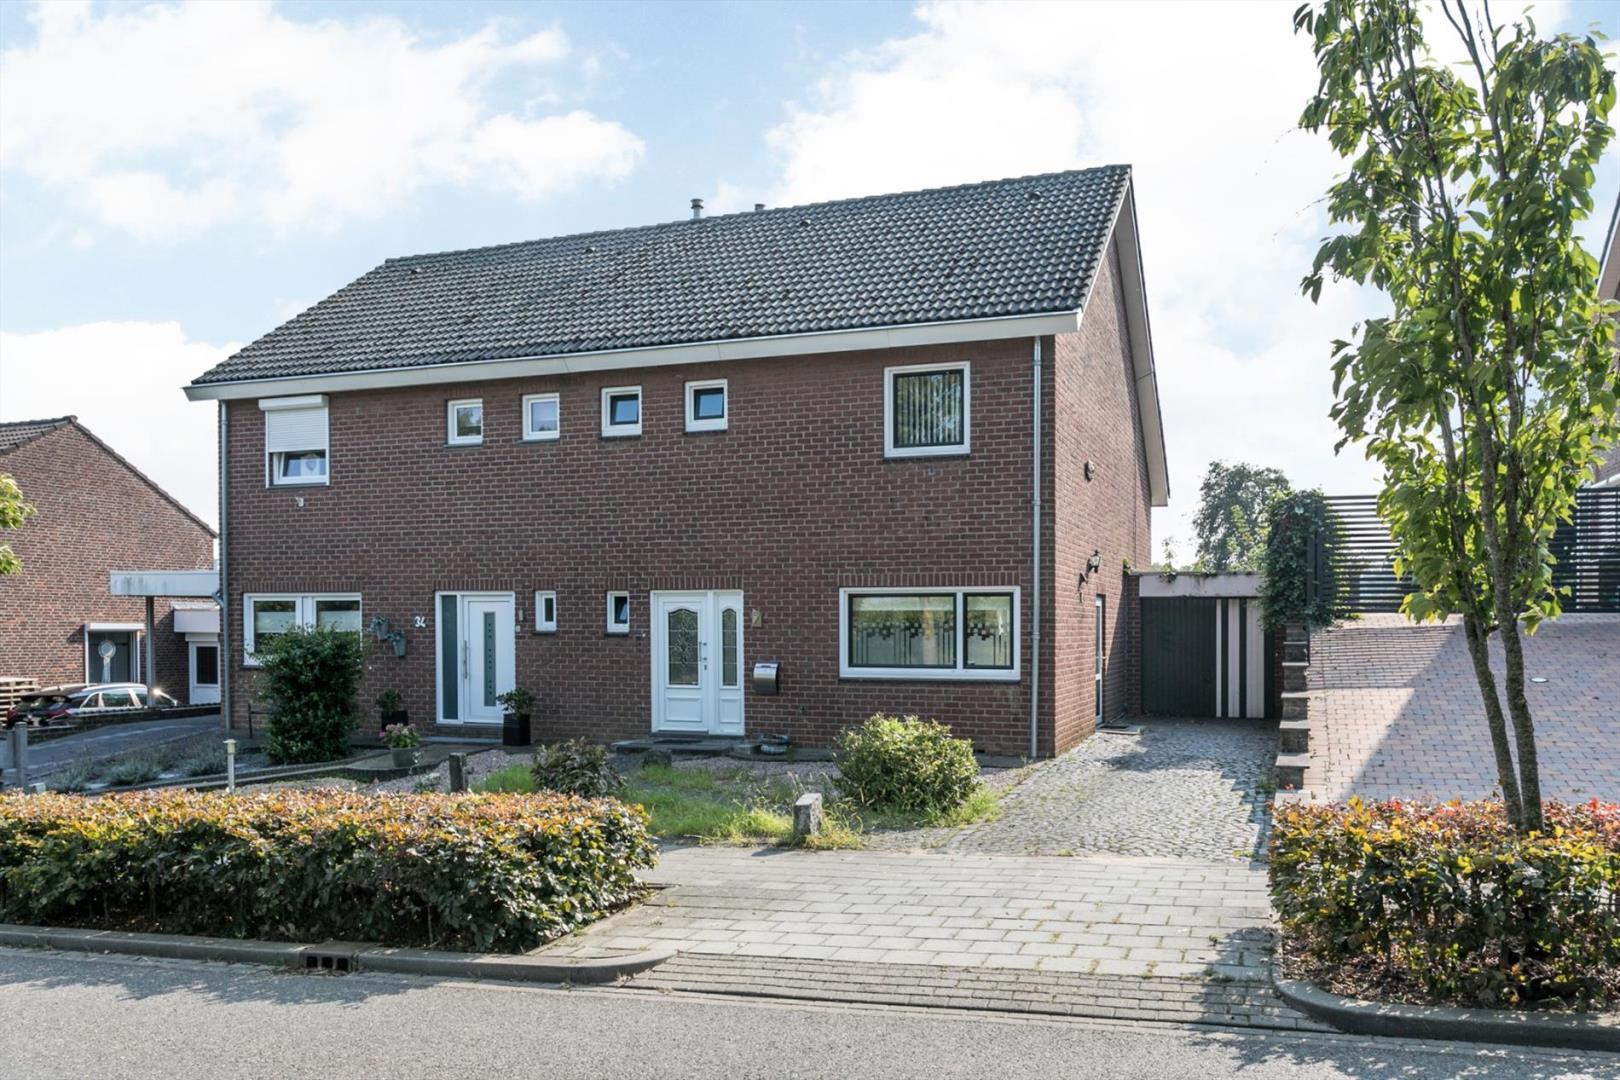 House for sale Raadhuisstraat 32 Merkelbeek